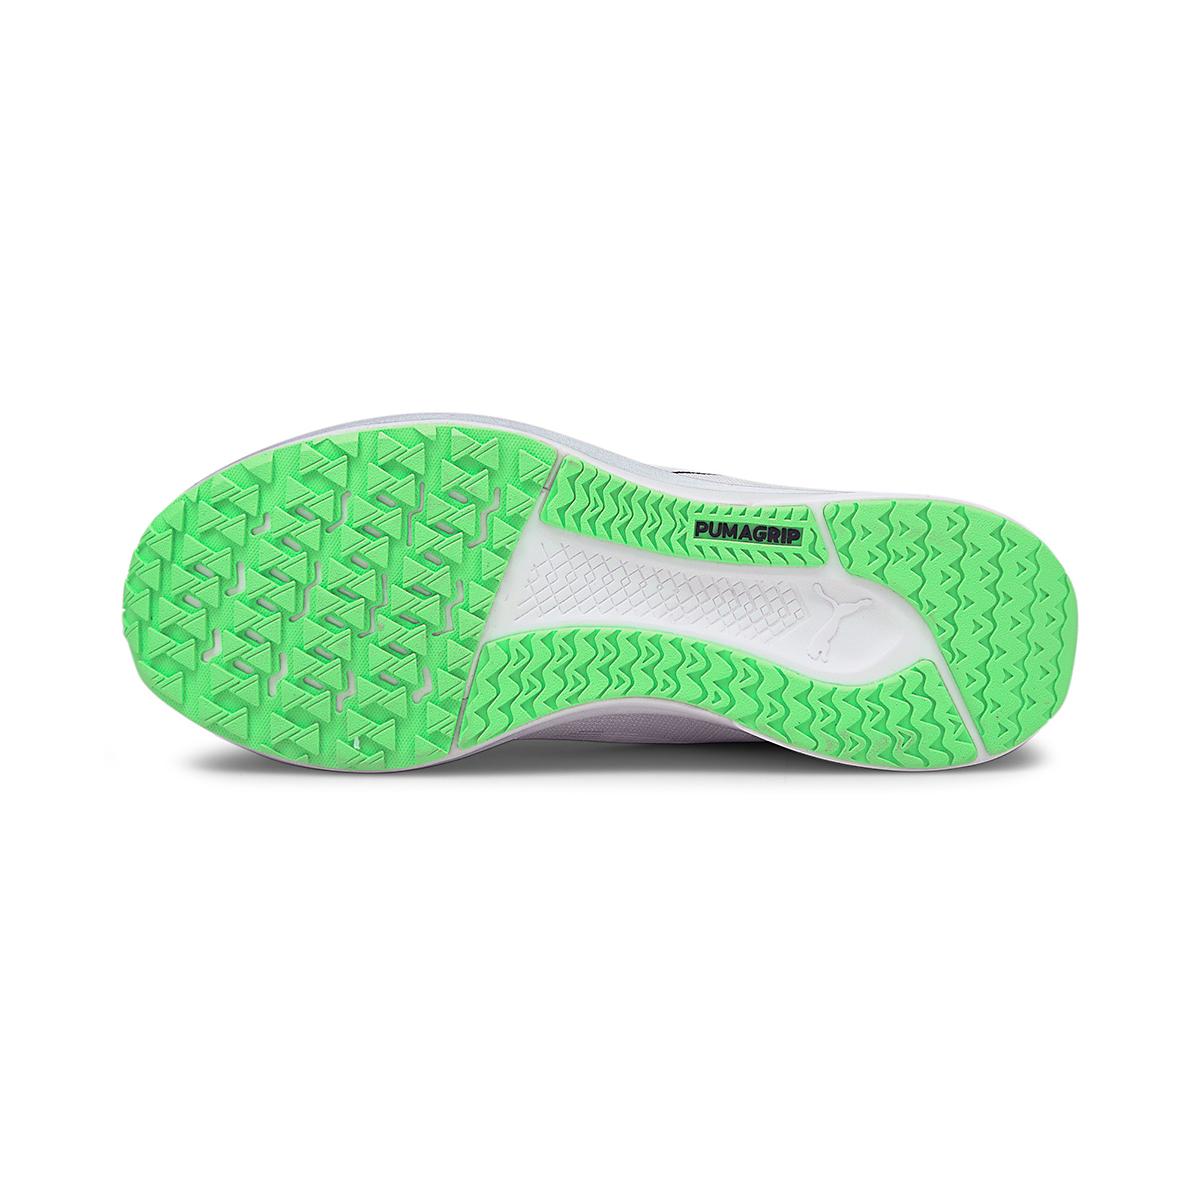 Men's Puma Velocity Nitro COOLadapt Running Shoe - Color: Puma White - Size: 7 - Width: Regular, Puma White, large, image 3